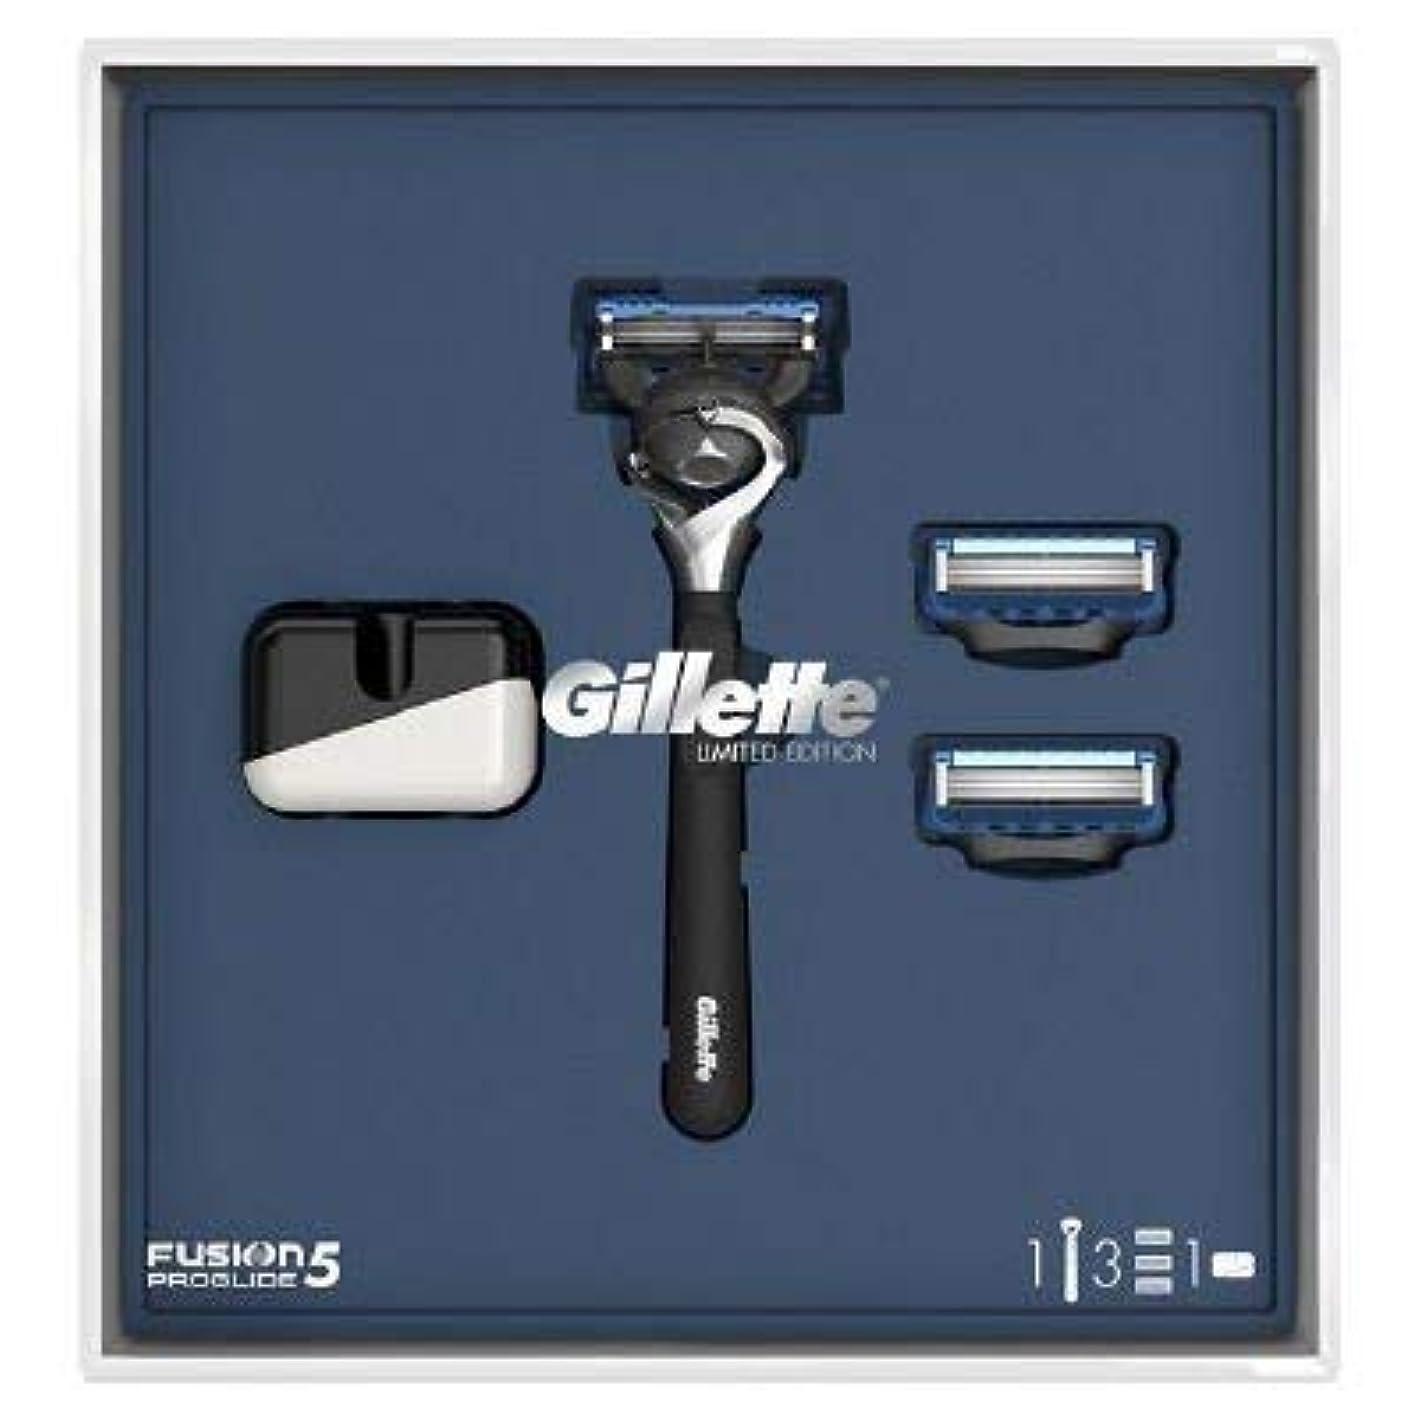 貯水池せがむ保護する(ジレット)Gilette プログライド 髭剃り本体+替刃3個 オリジナルスタンド付き スペシャルパッケージ P&G